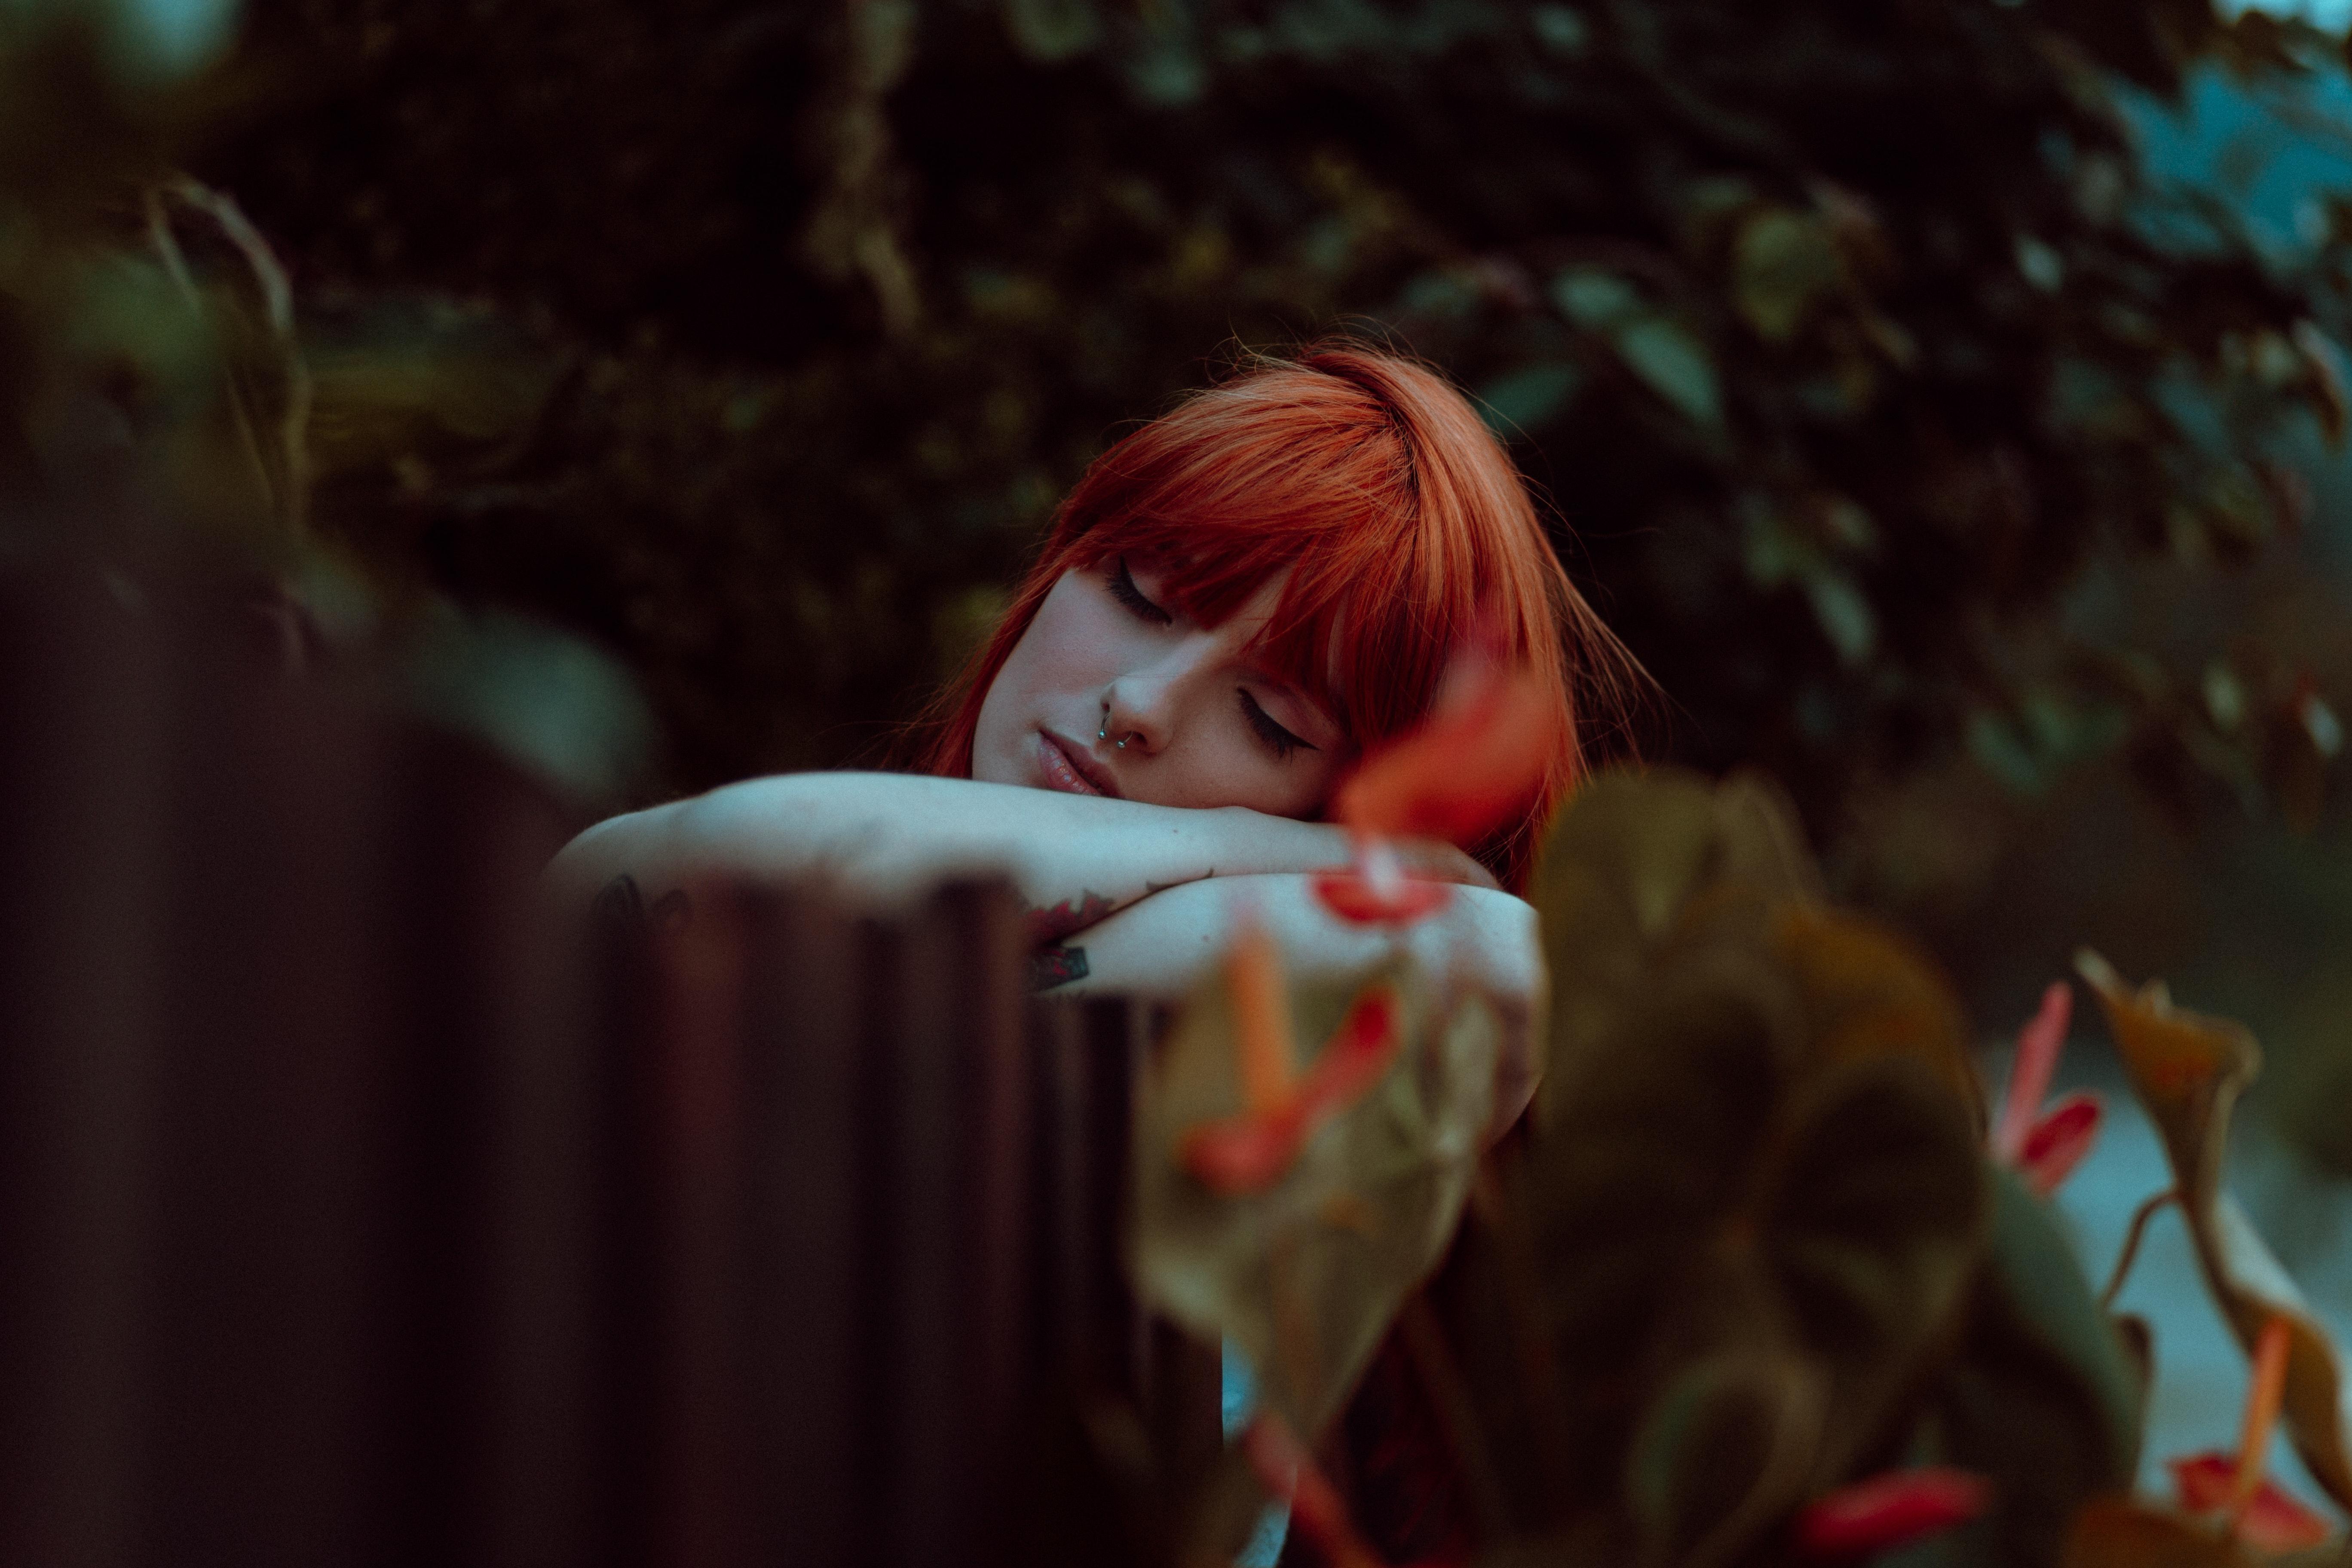 Femme-rousse-qui-dort